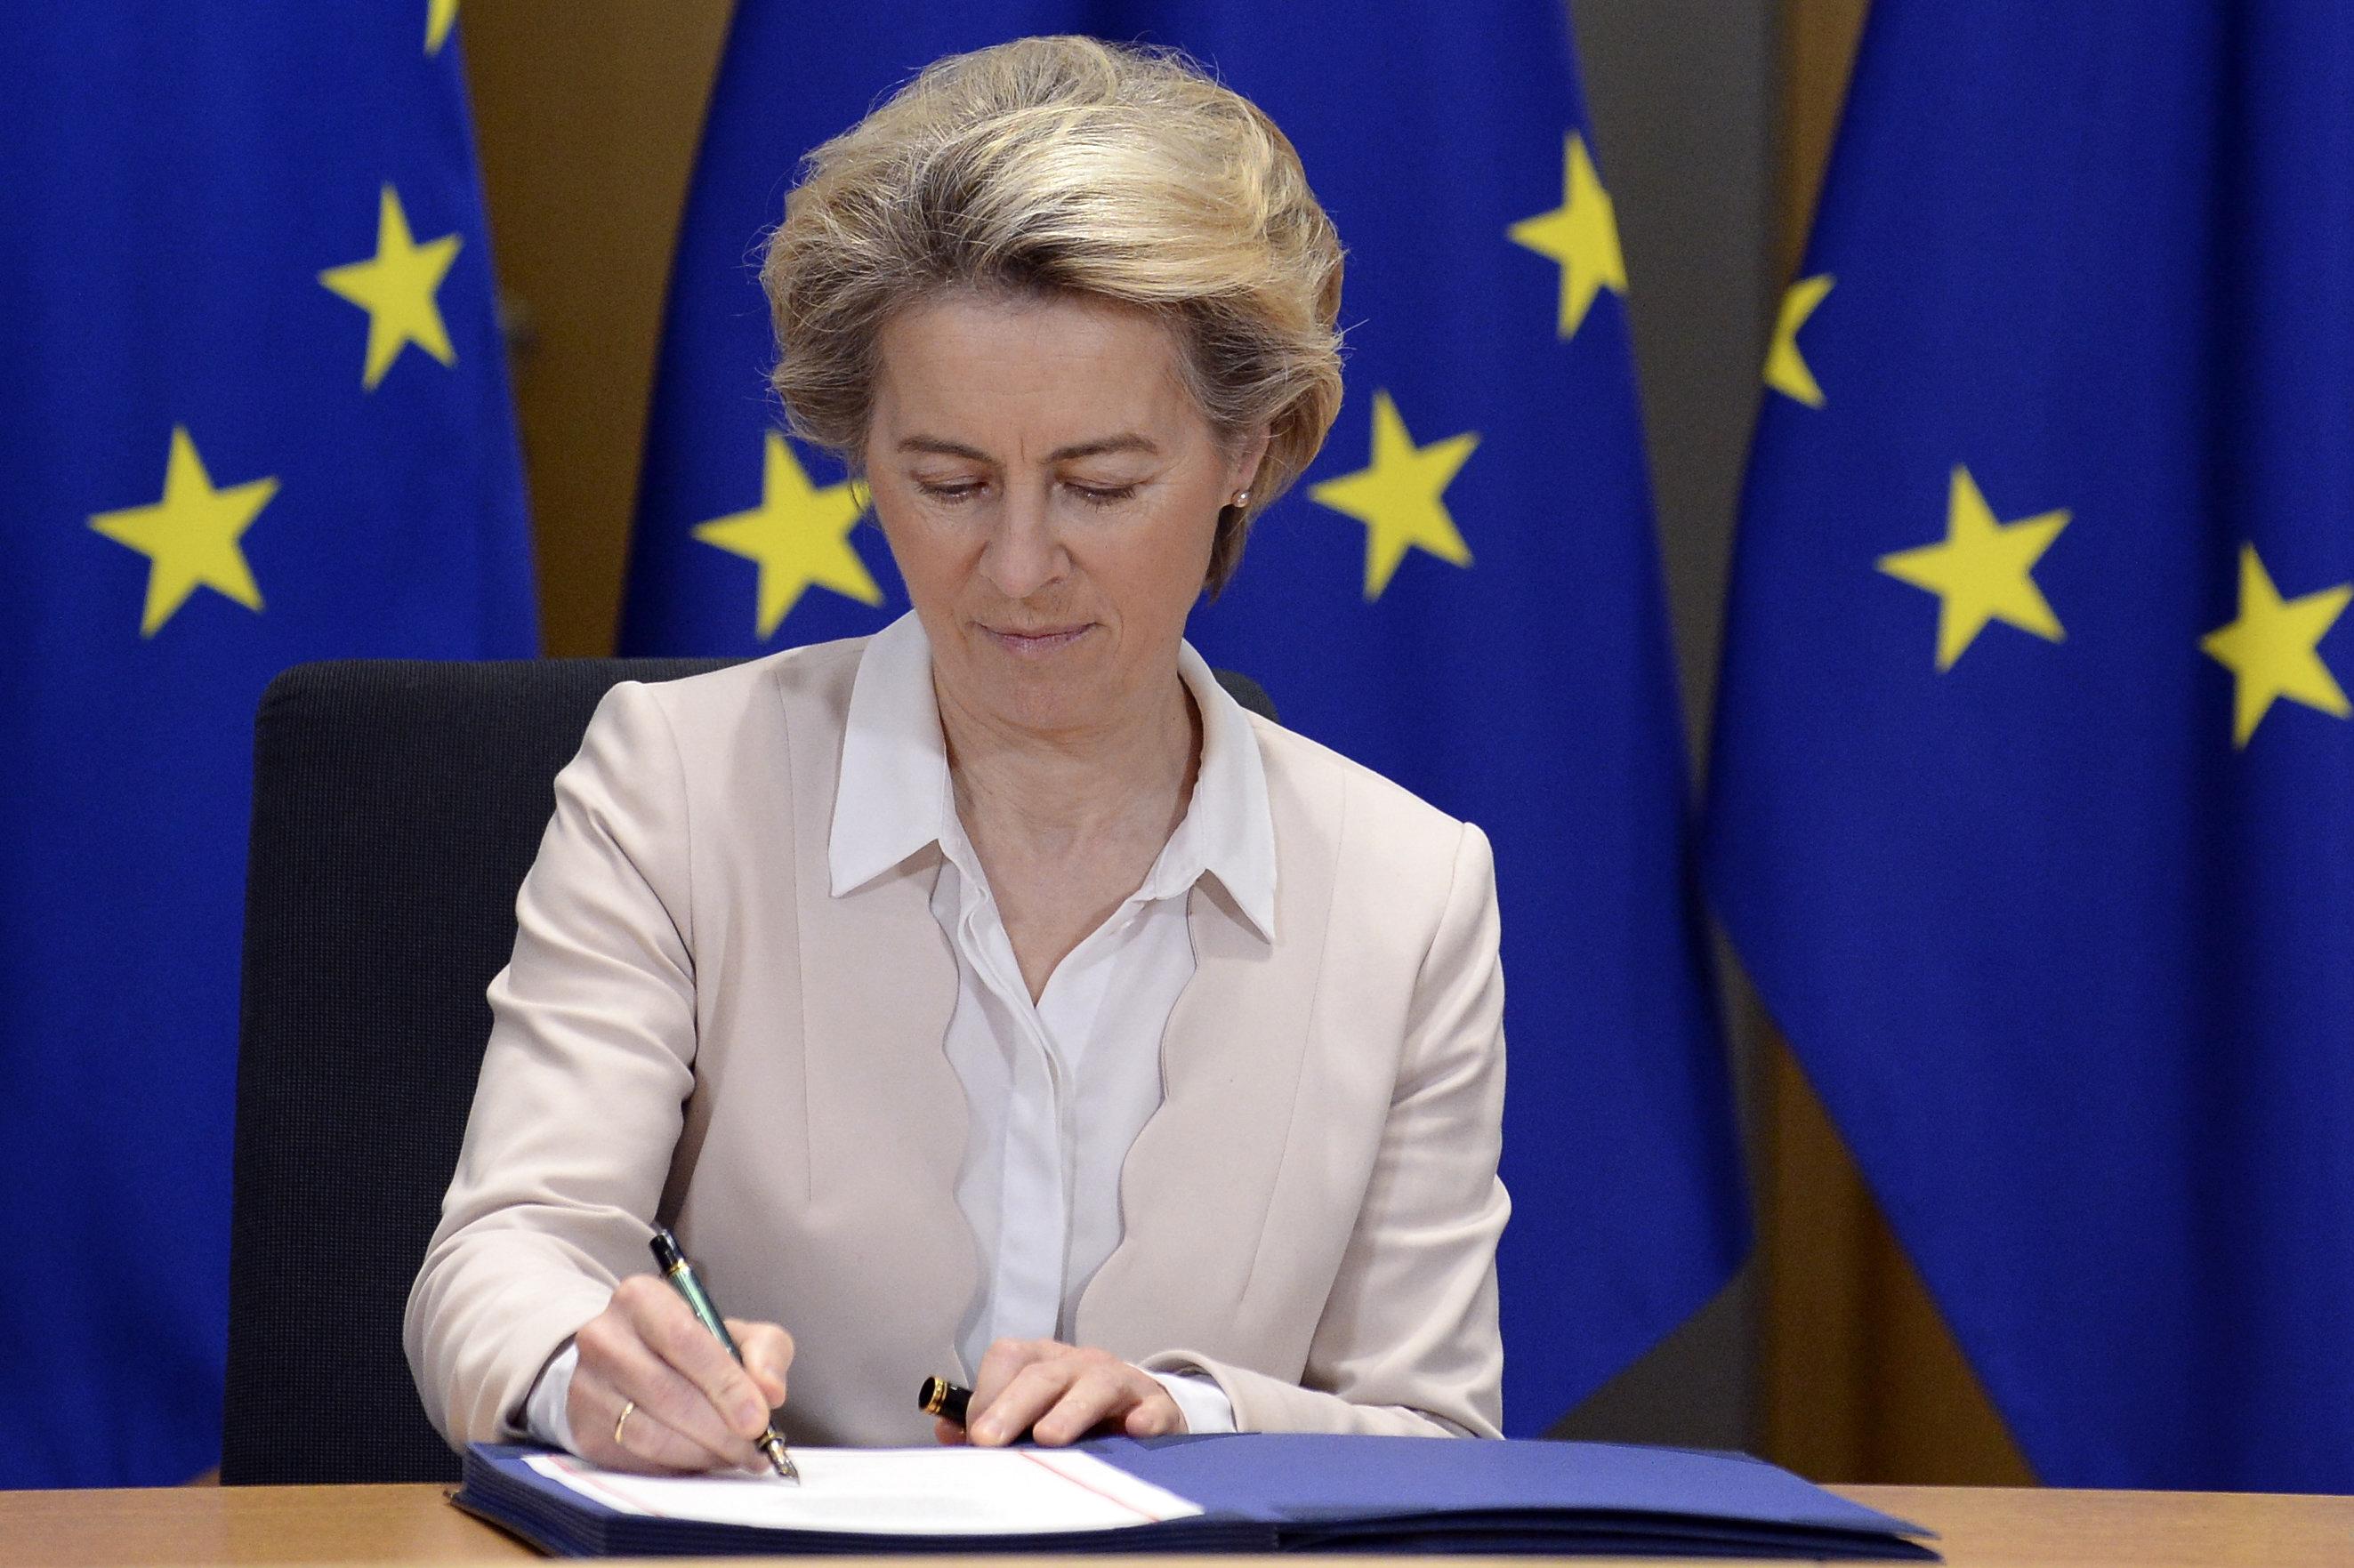 Az Európai Bizottság nyilvánosságra hozta az AstraZenecával kötött szerződést